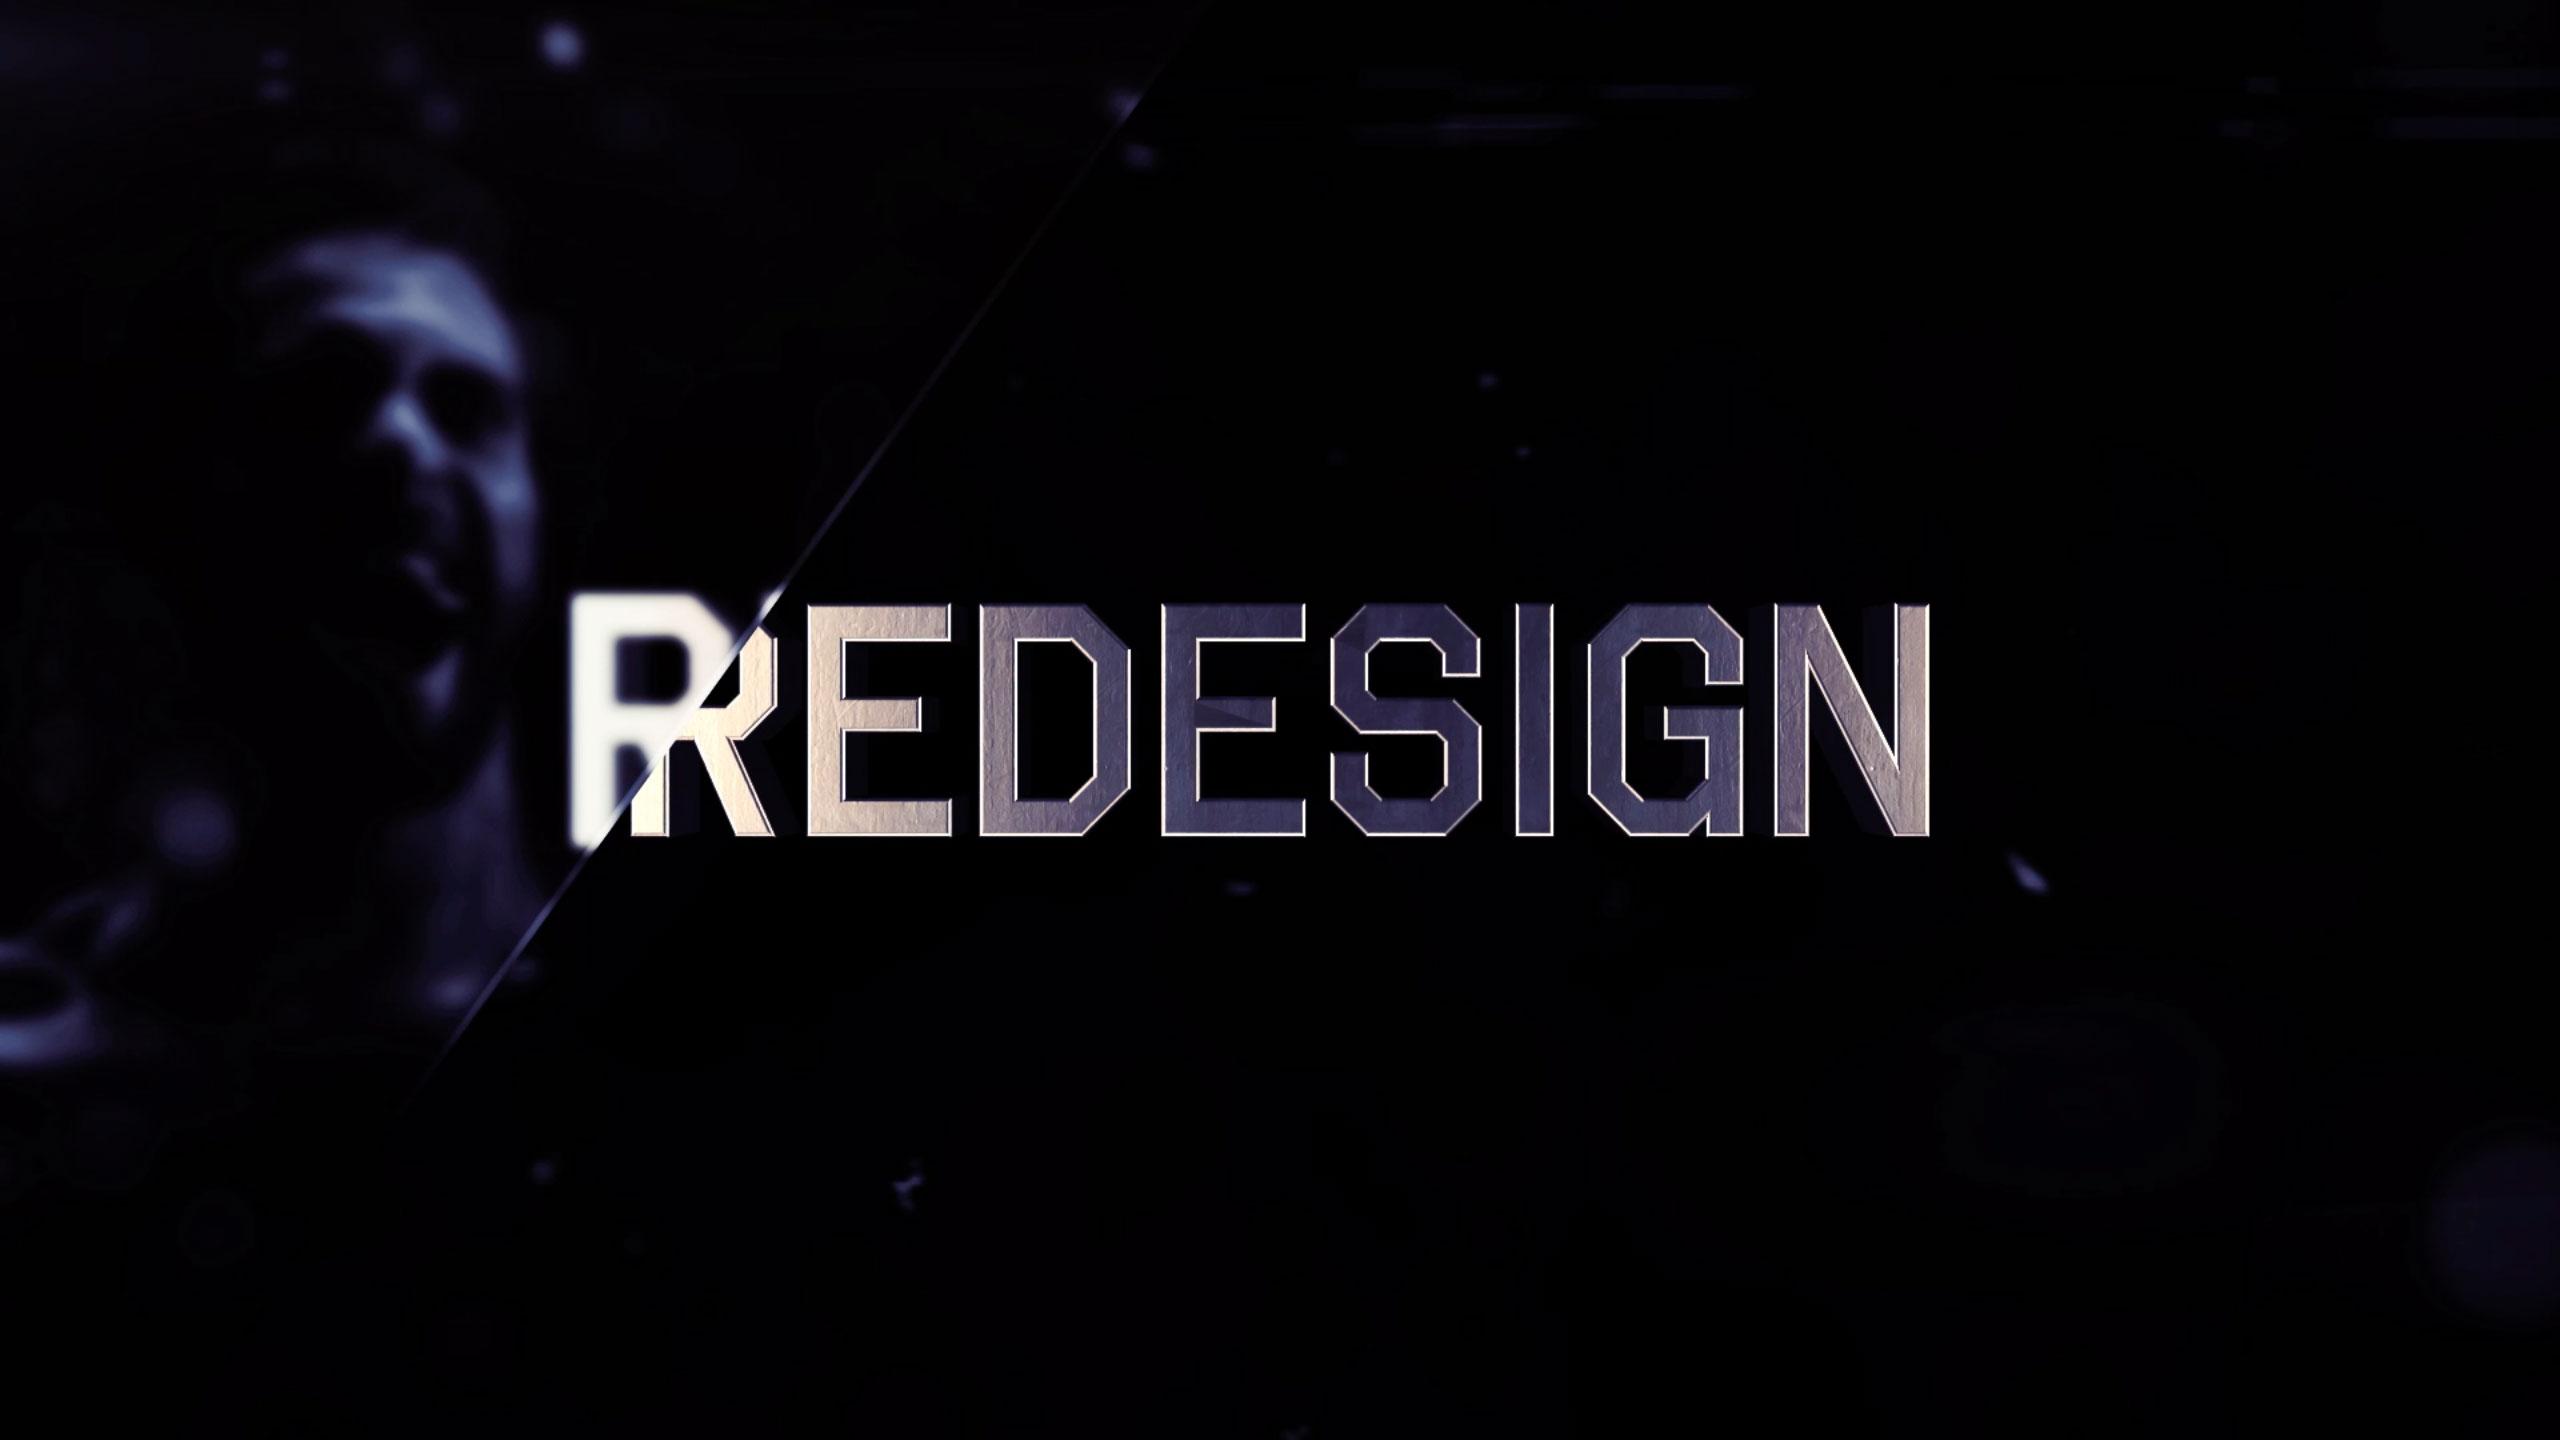 Image: Seth Rollins: Redesign. Rebuild. Reclaim.